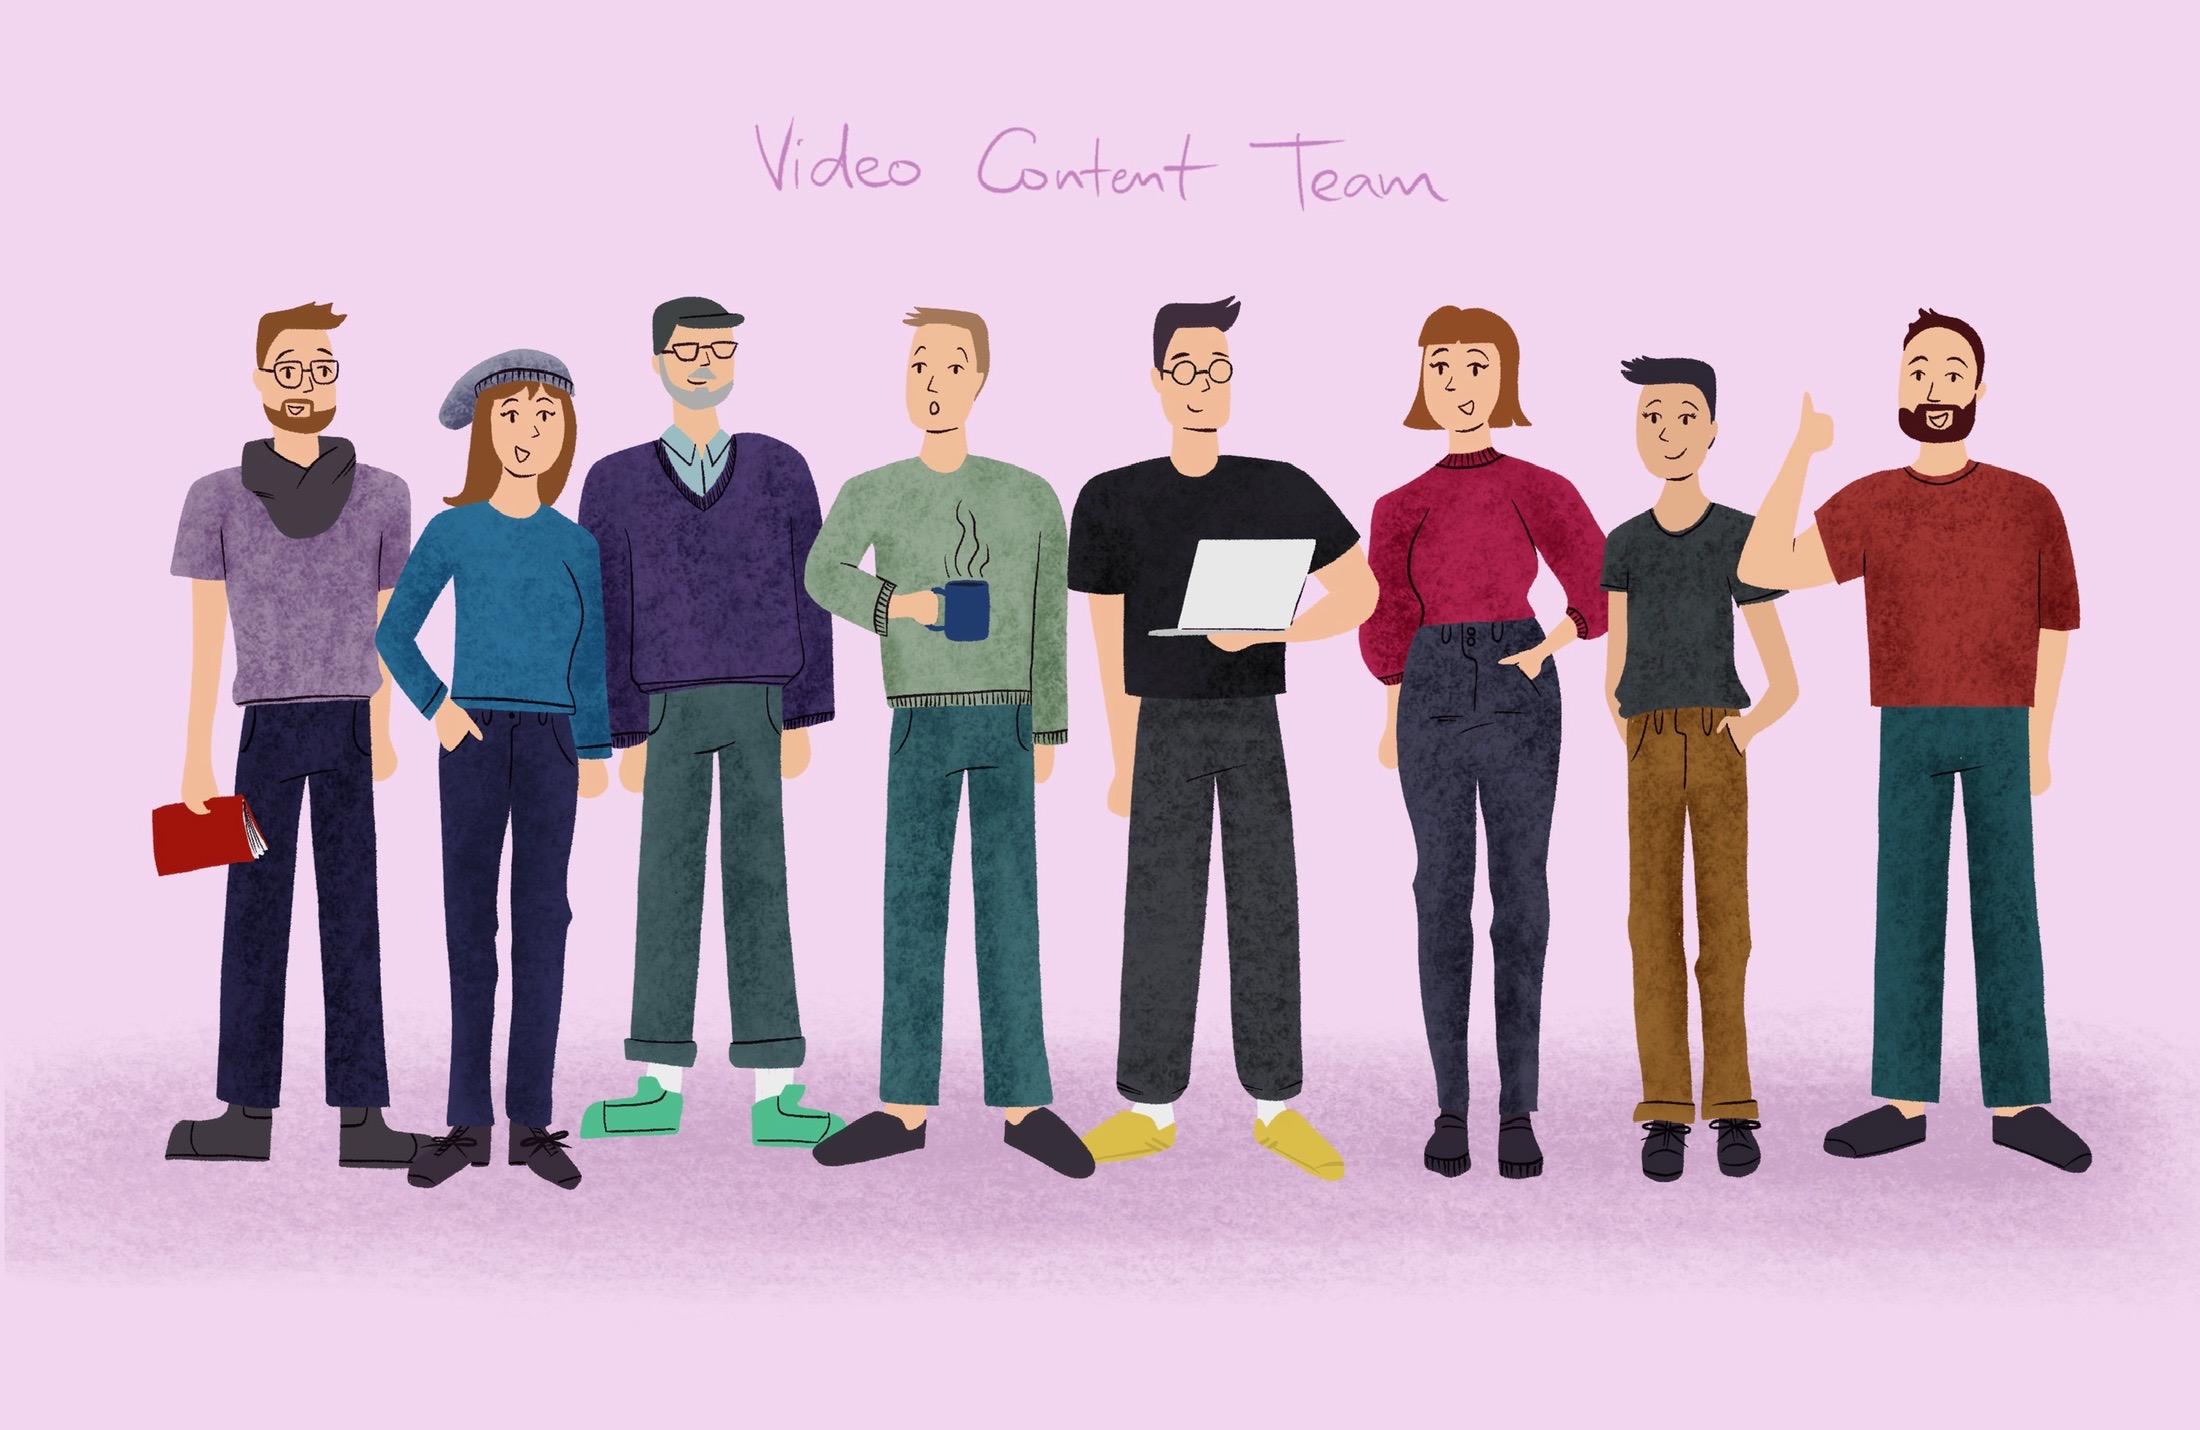 Video Content Team